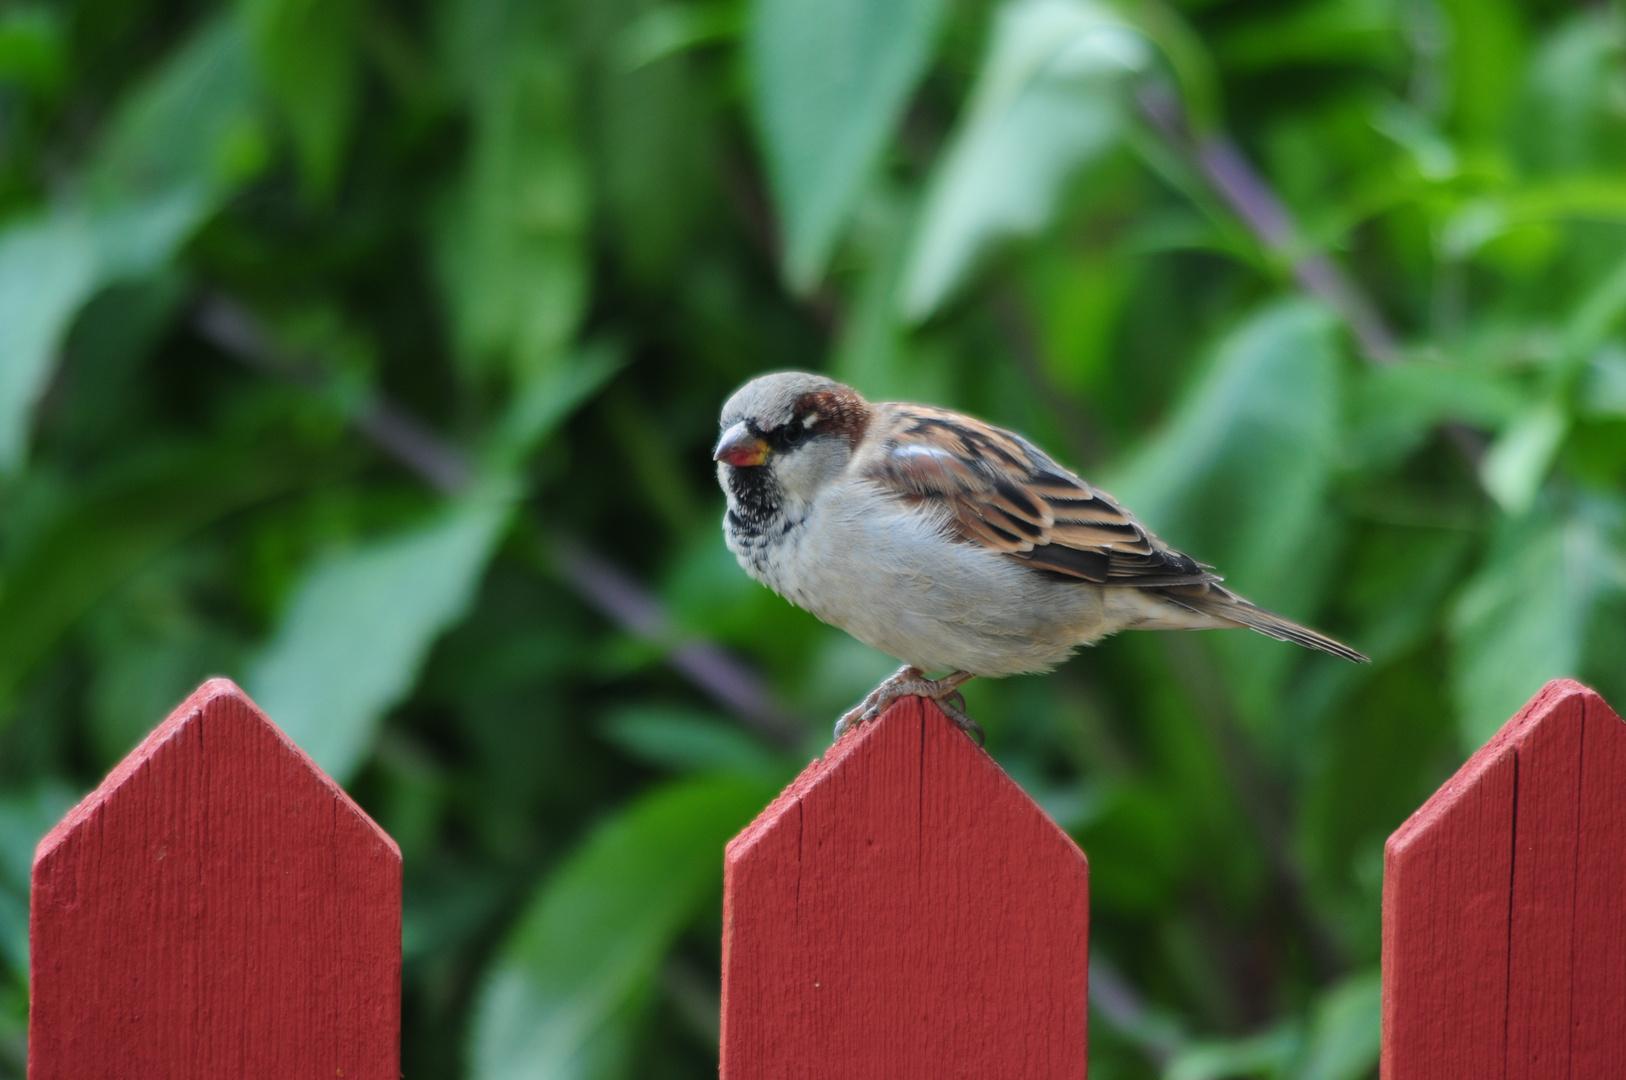 save the house sparrow - schützt die haus sperlinge